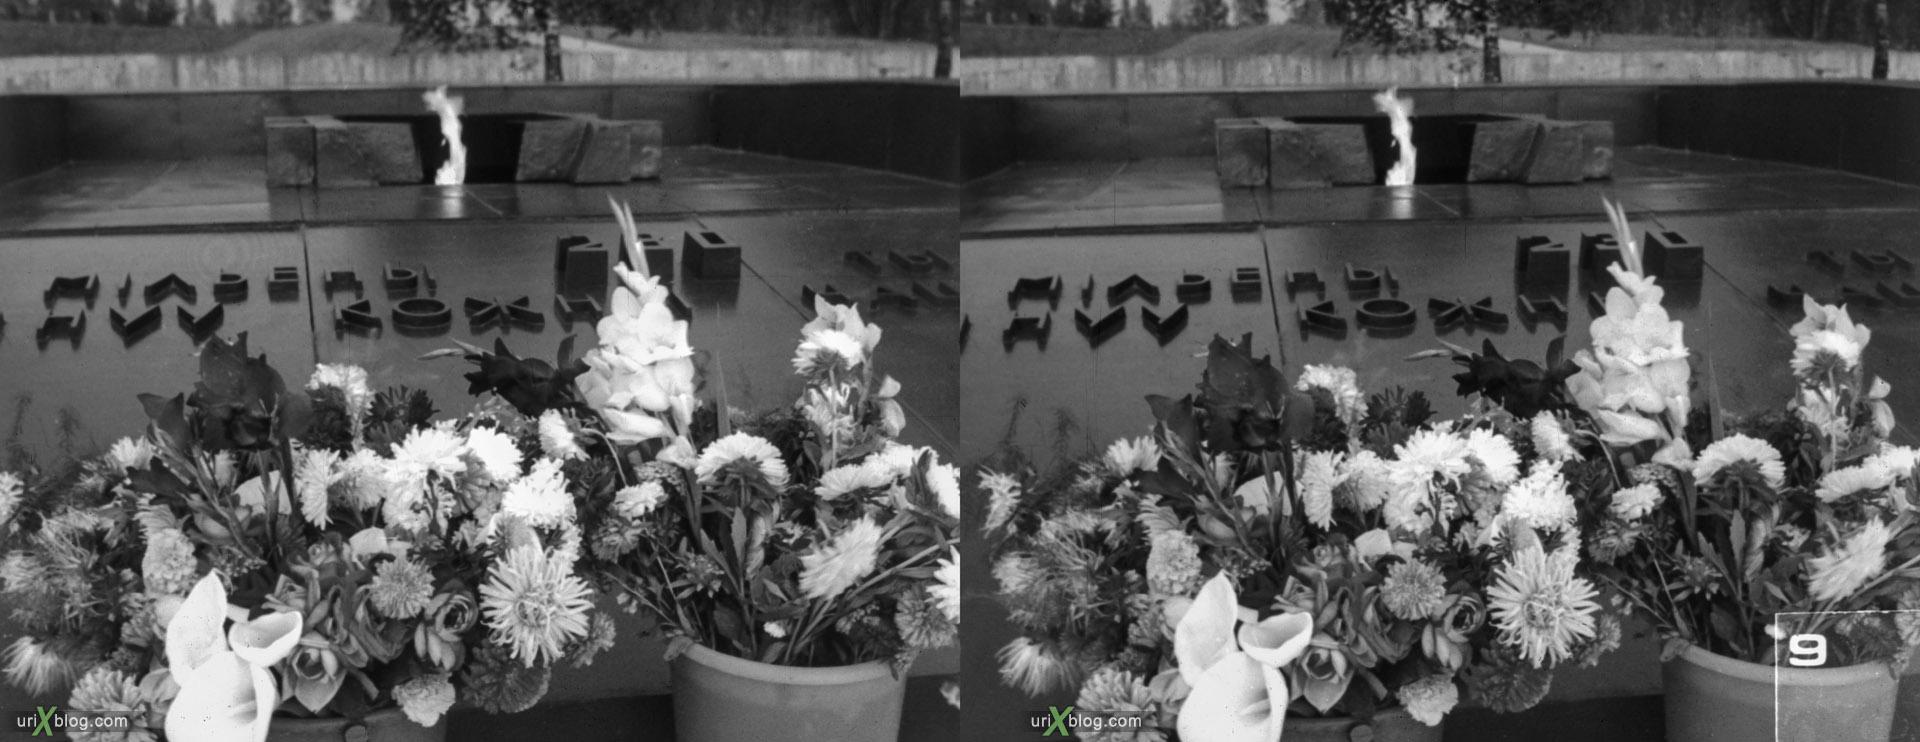 1978, Мемориальный комплекс Хатынь, Белоруссия, Беларусь, Минск, 3D, перекрёстная стереопара, стерео, стереопара, стереослайд, слайд, фотоплёнка, плёнка